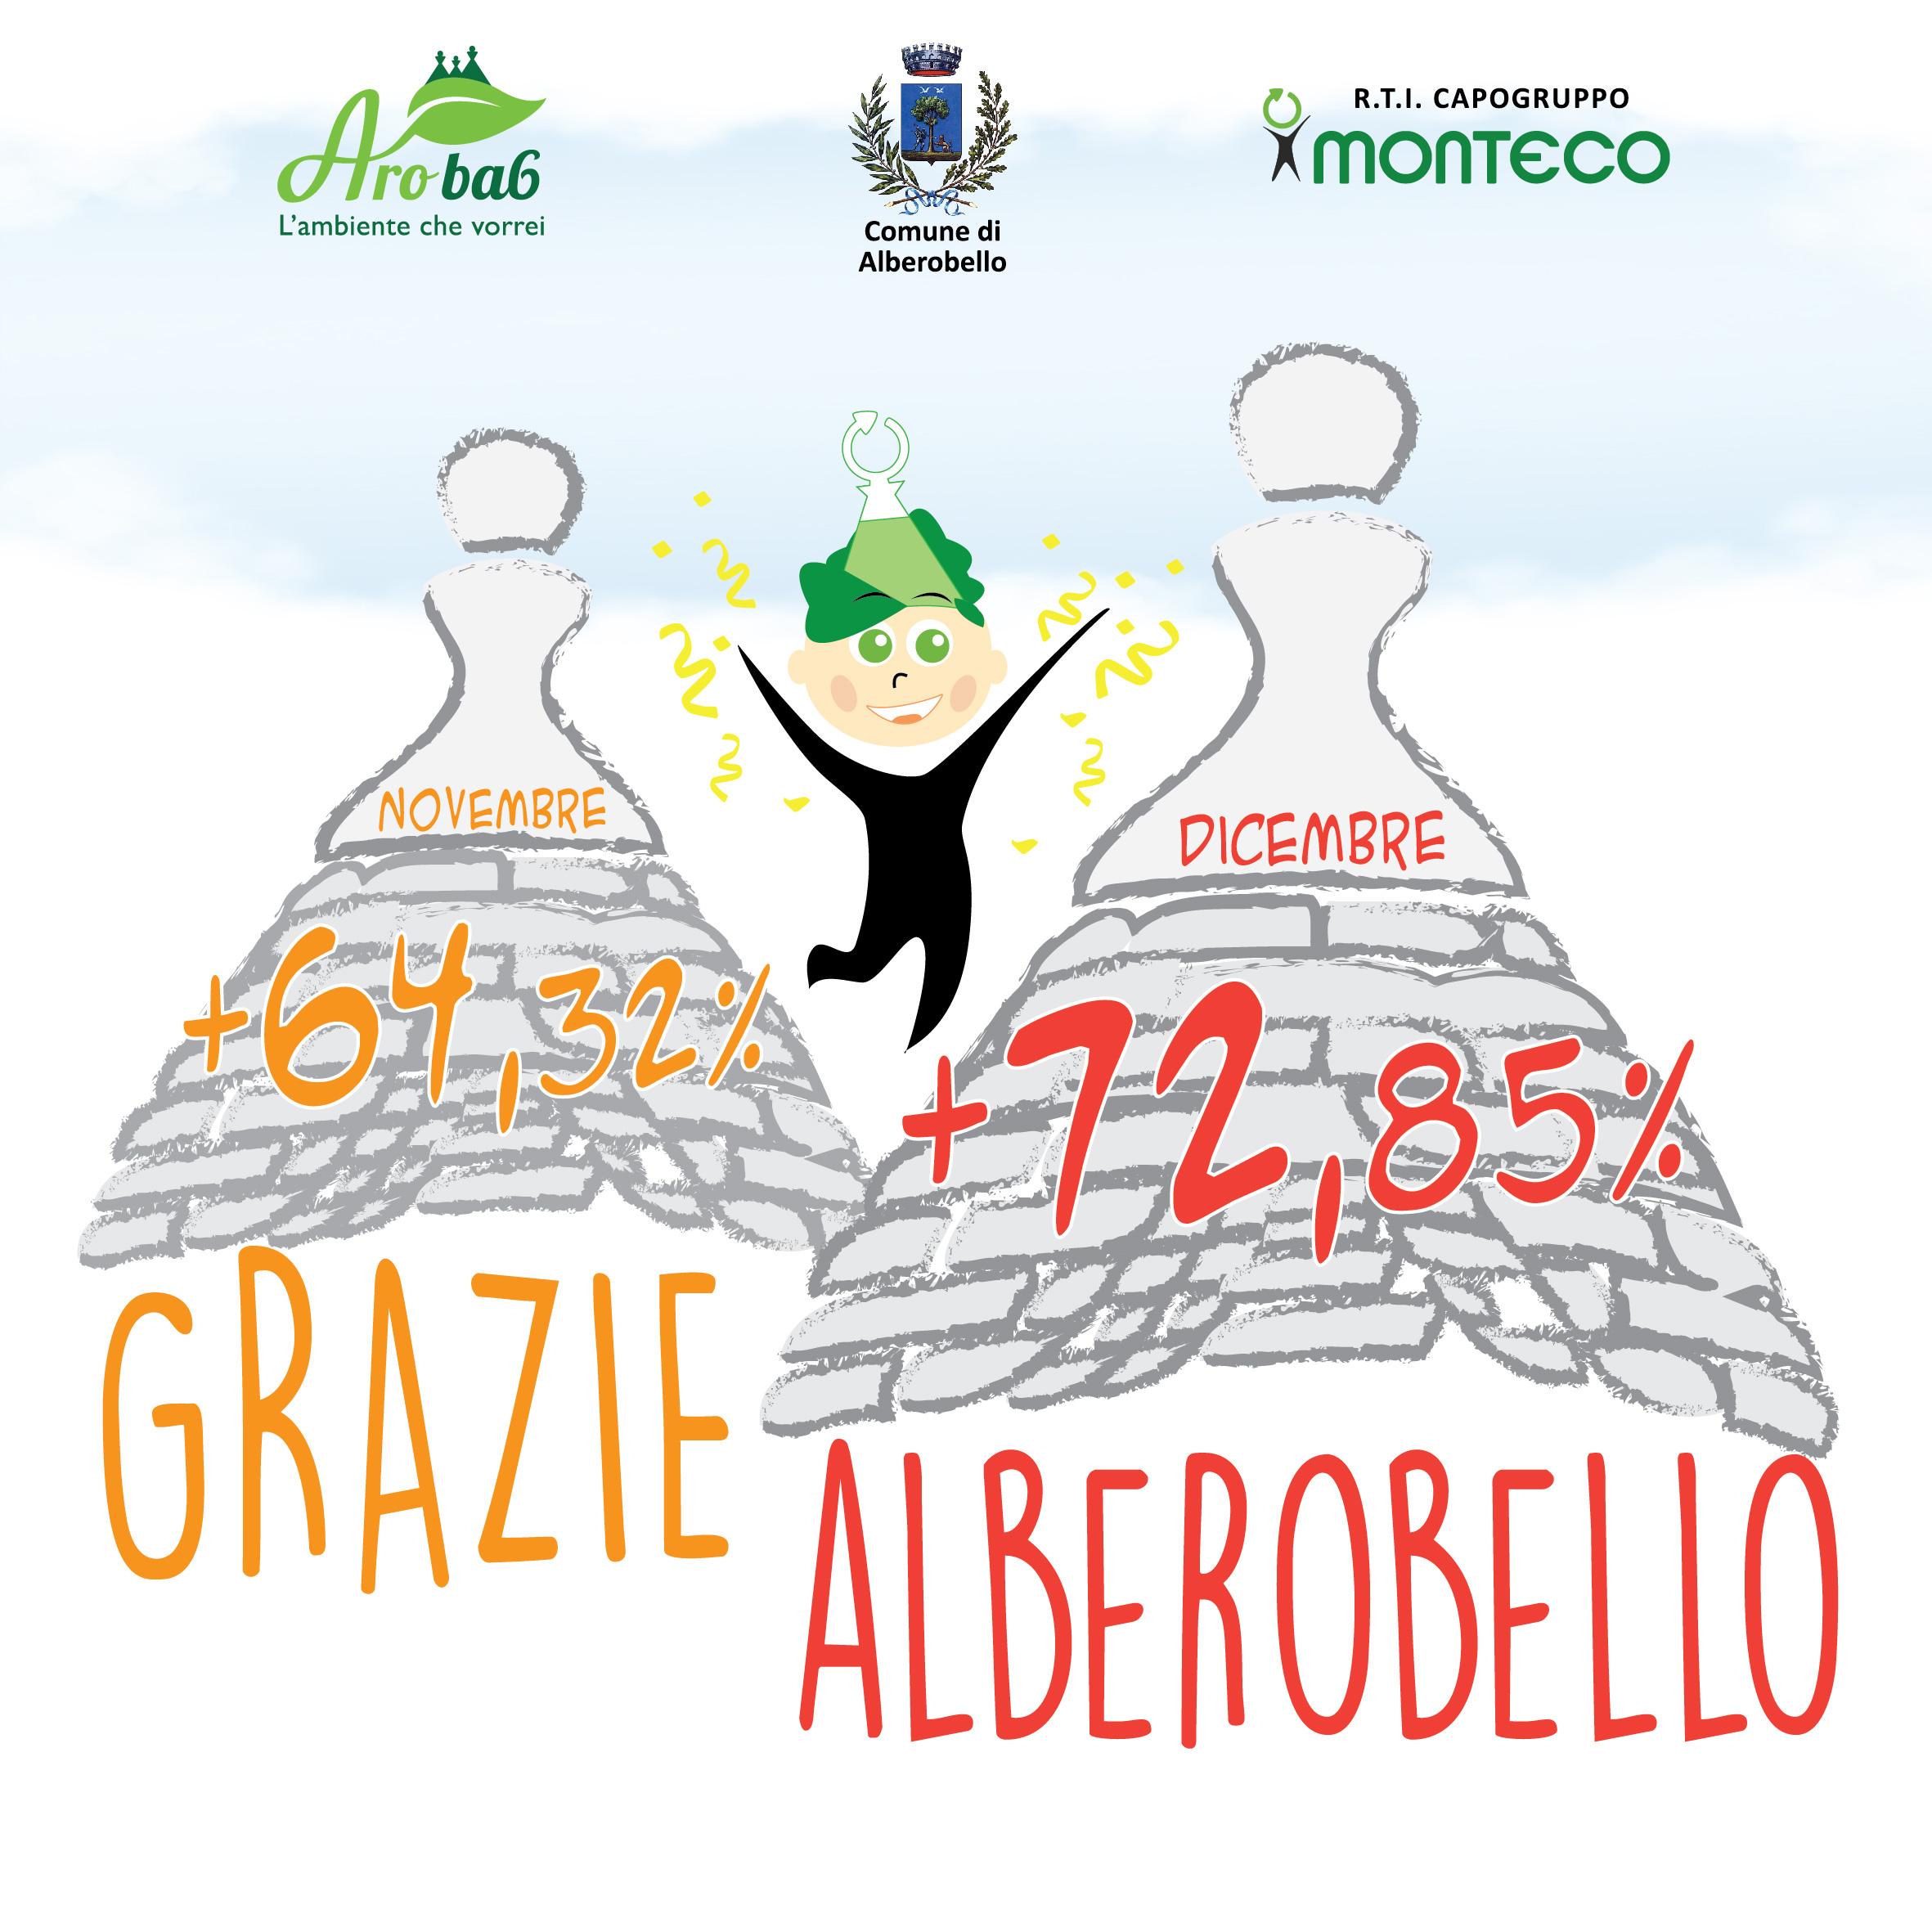 ALBEROBELLO SUPERA IL 70% DI RACCOLTA DIFFERENZIATA